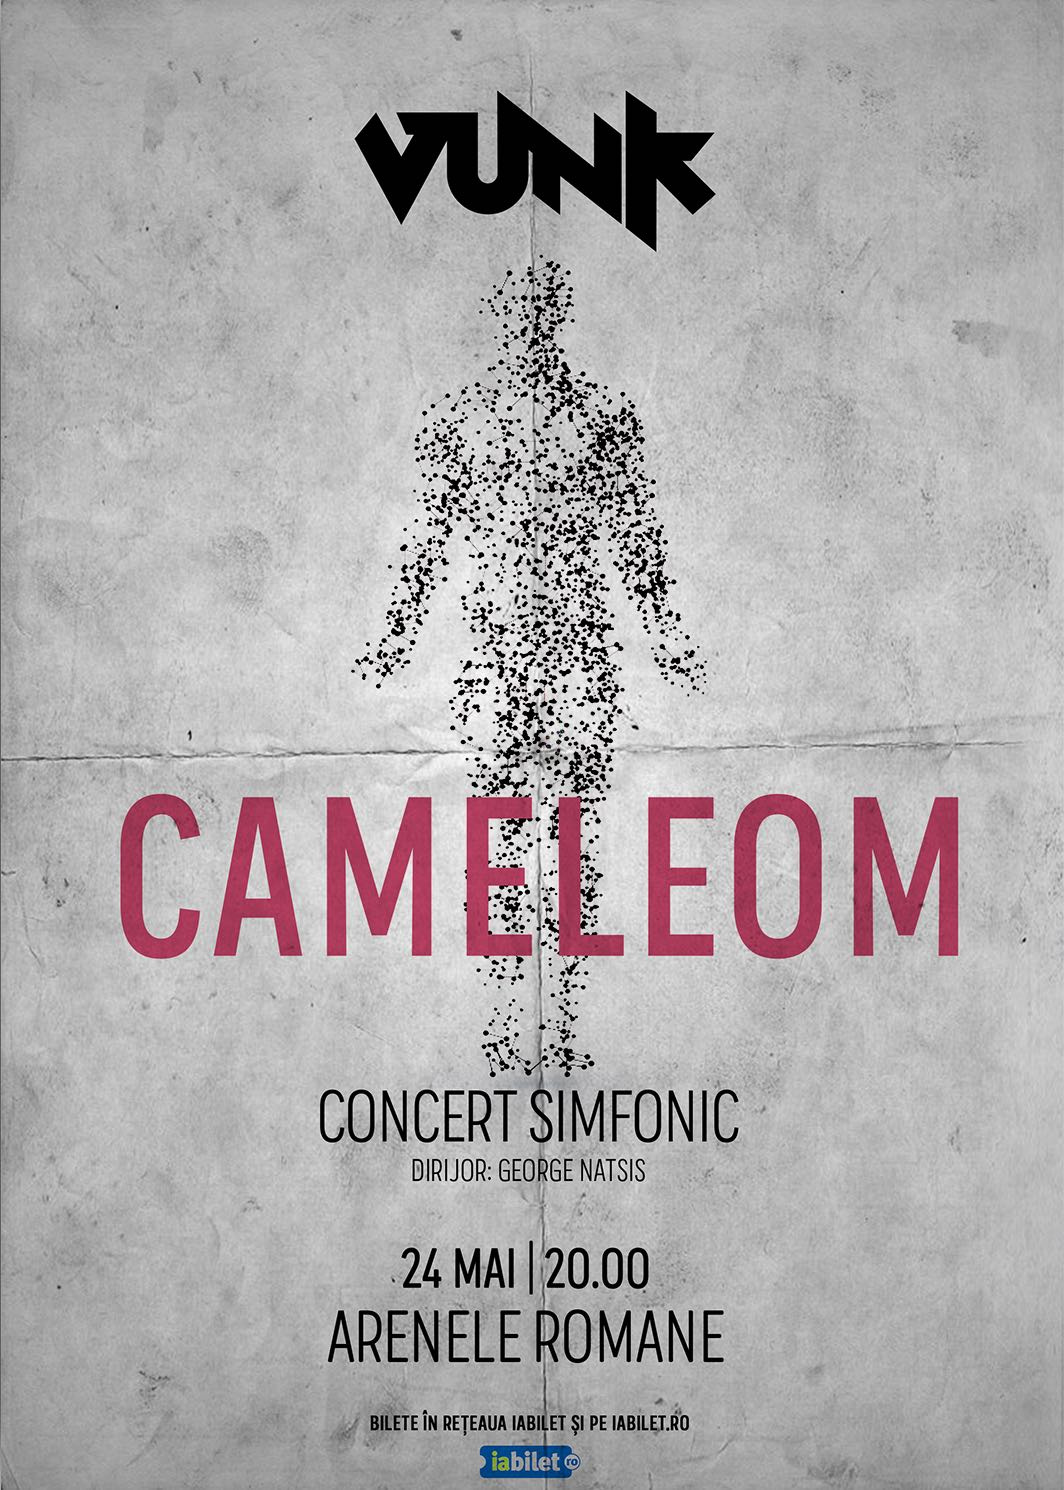 {focus_keyword} Trupa VUNK a descoperit o nouă specie de om: CAMELEOM! CAMELEOM